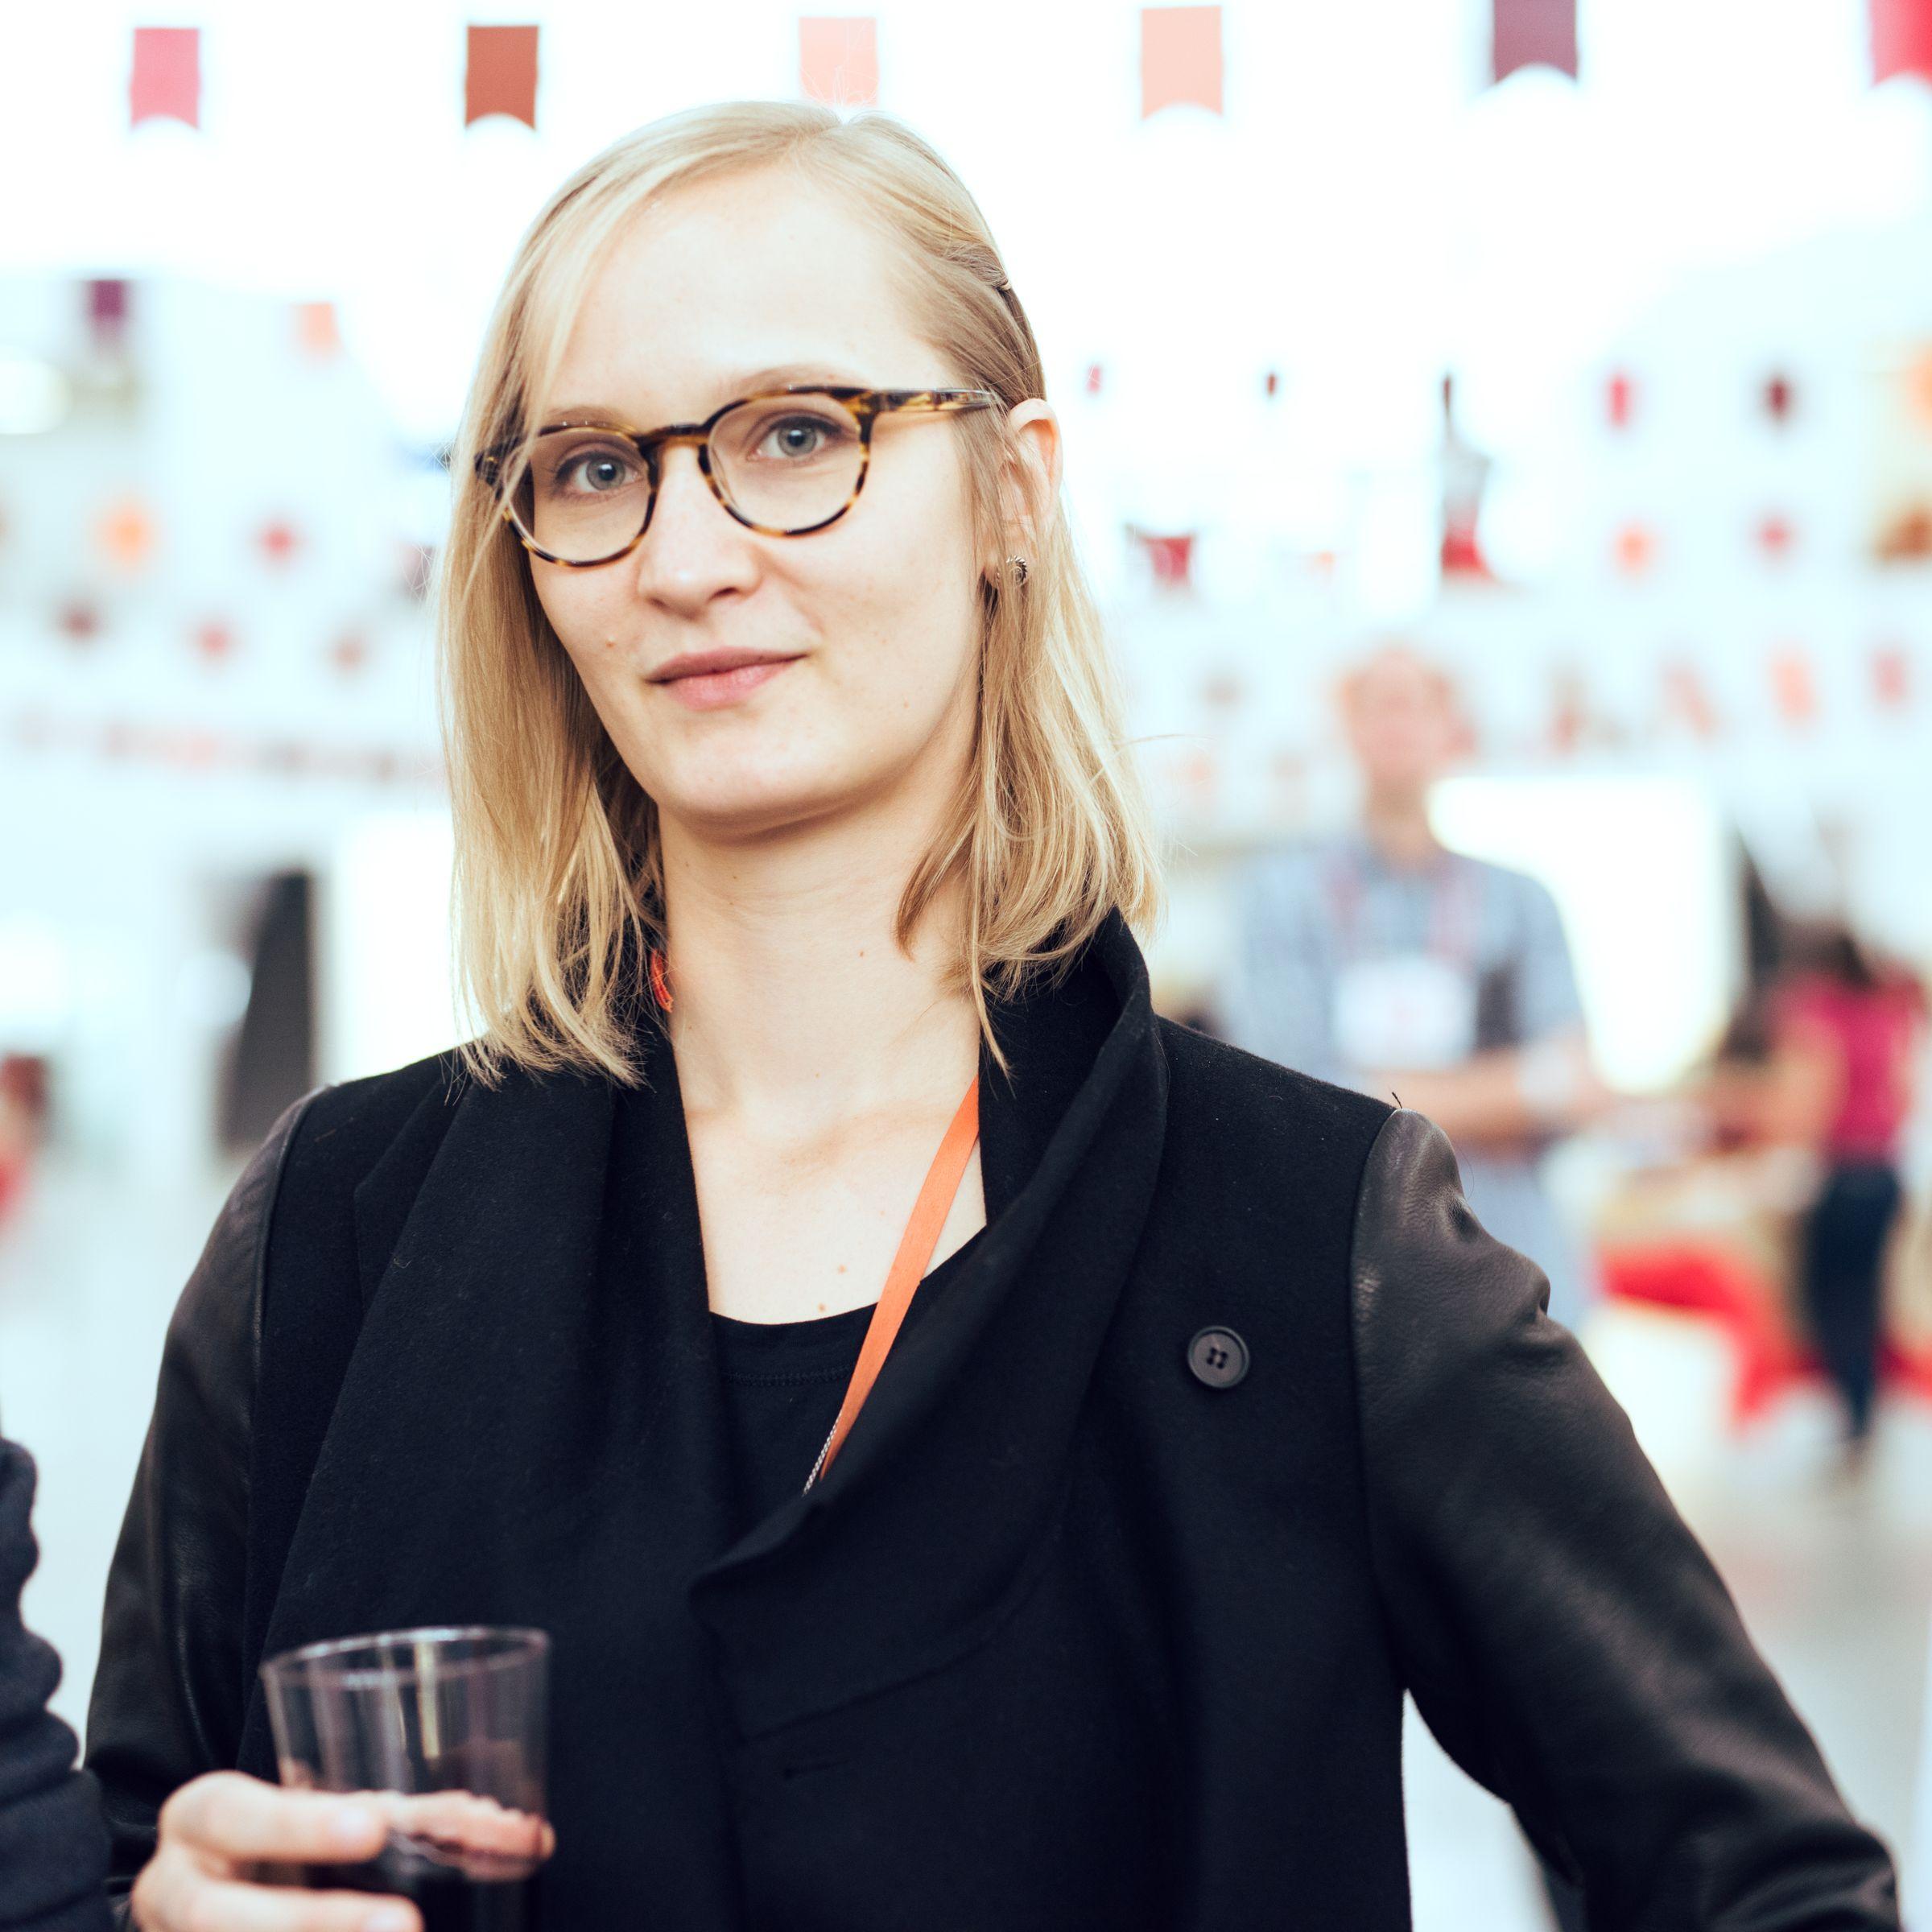 Vika Kovalchuk